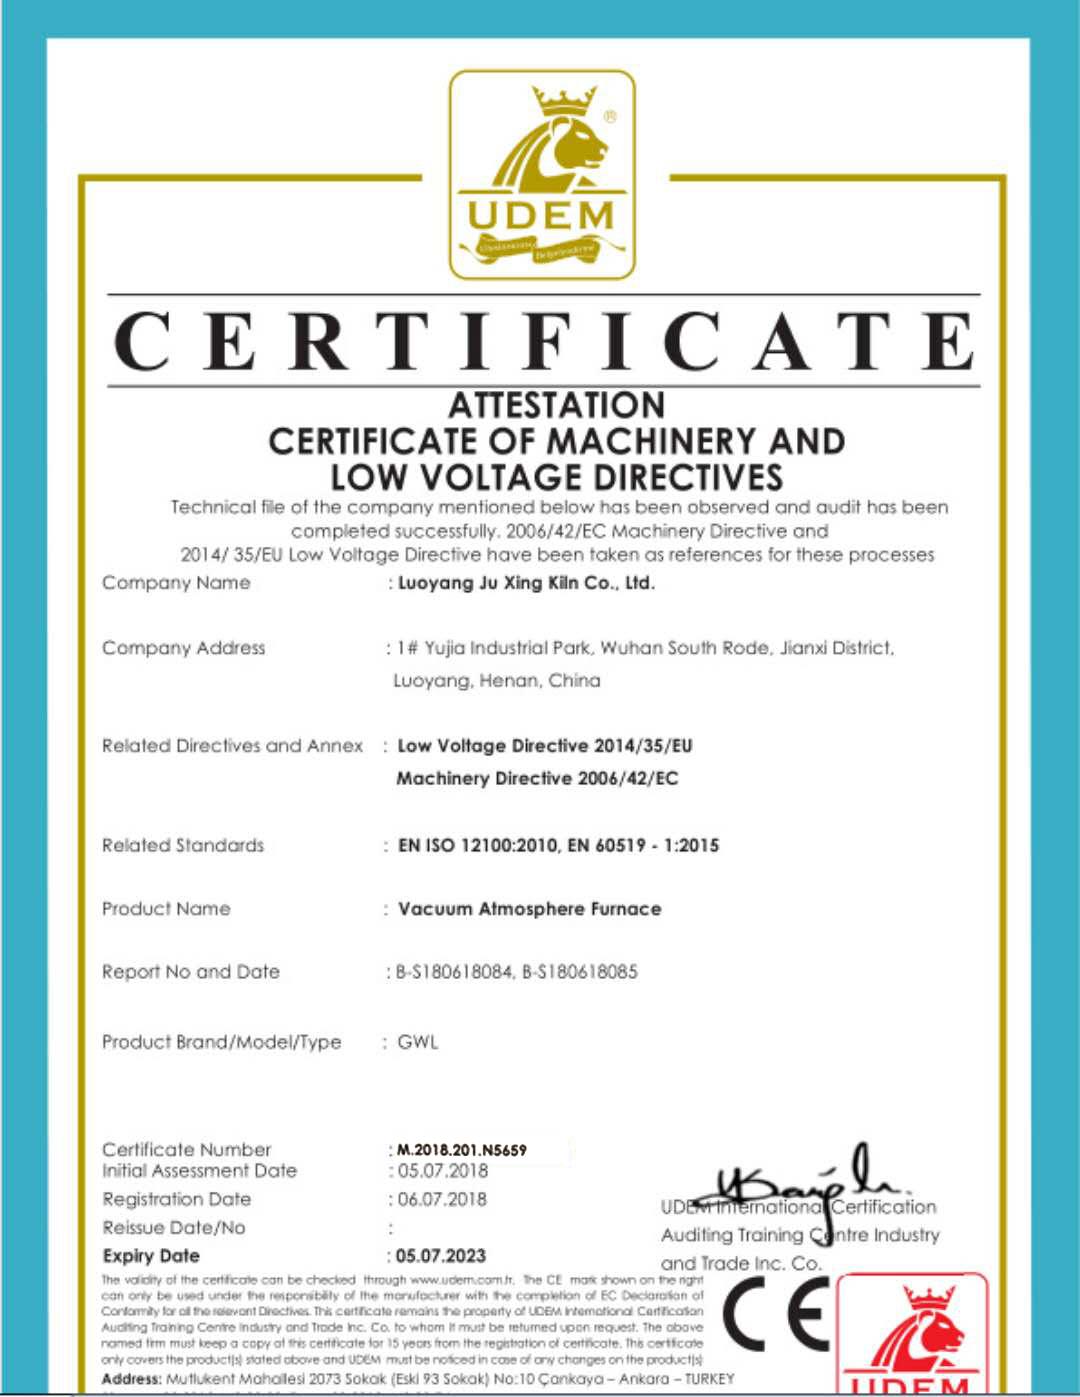 炬星高温炉CE国际欧盟认证